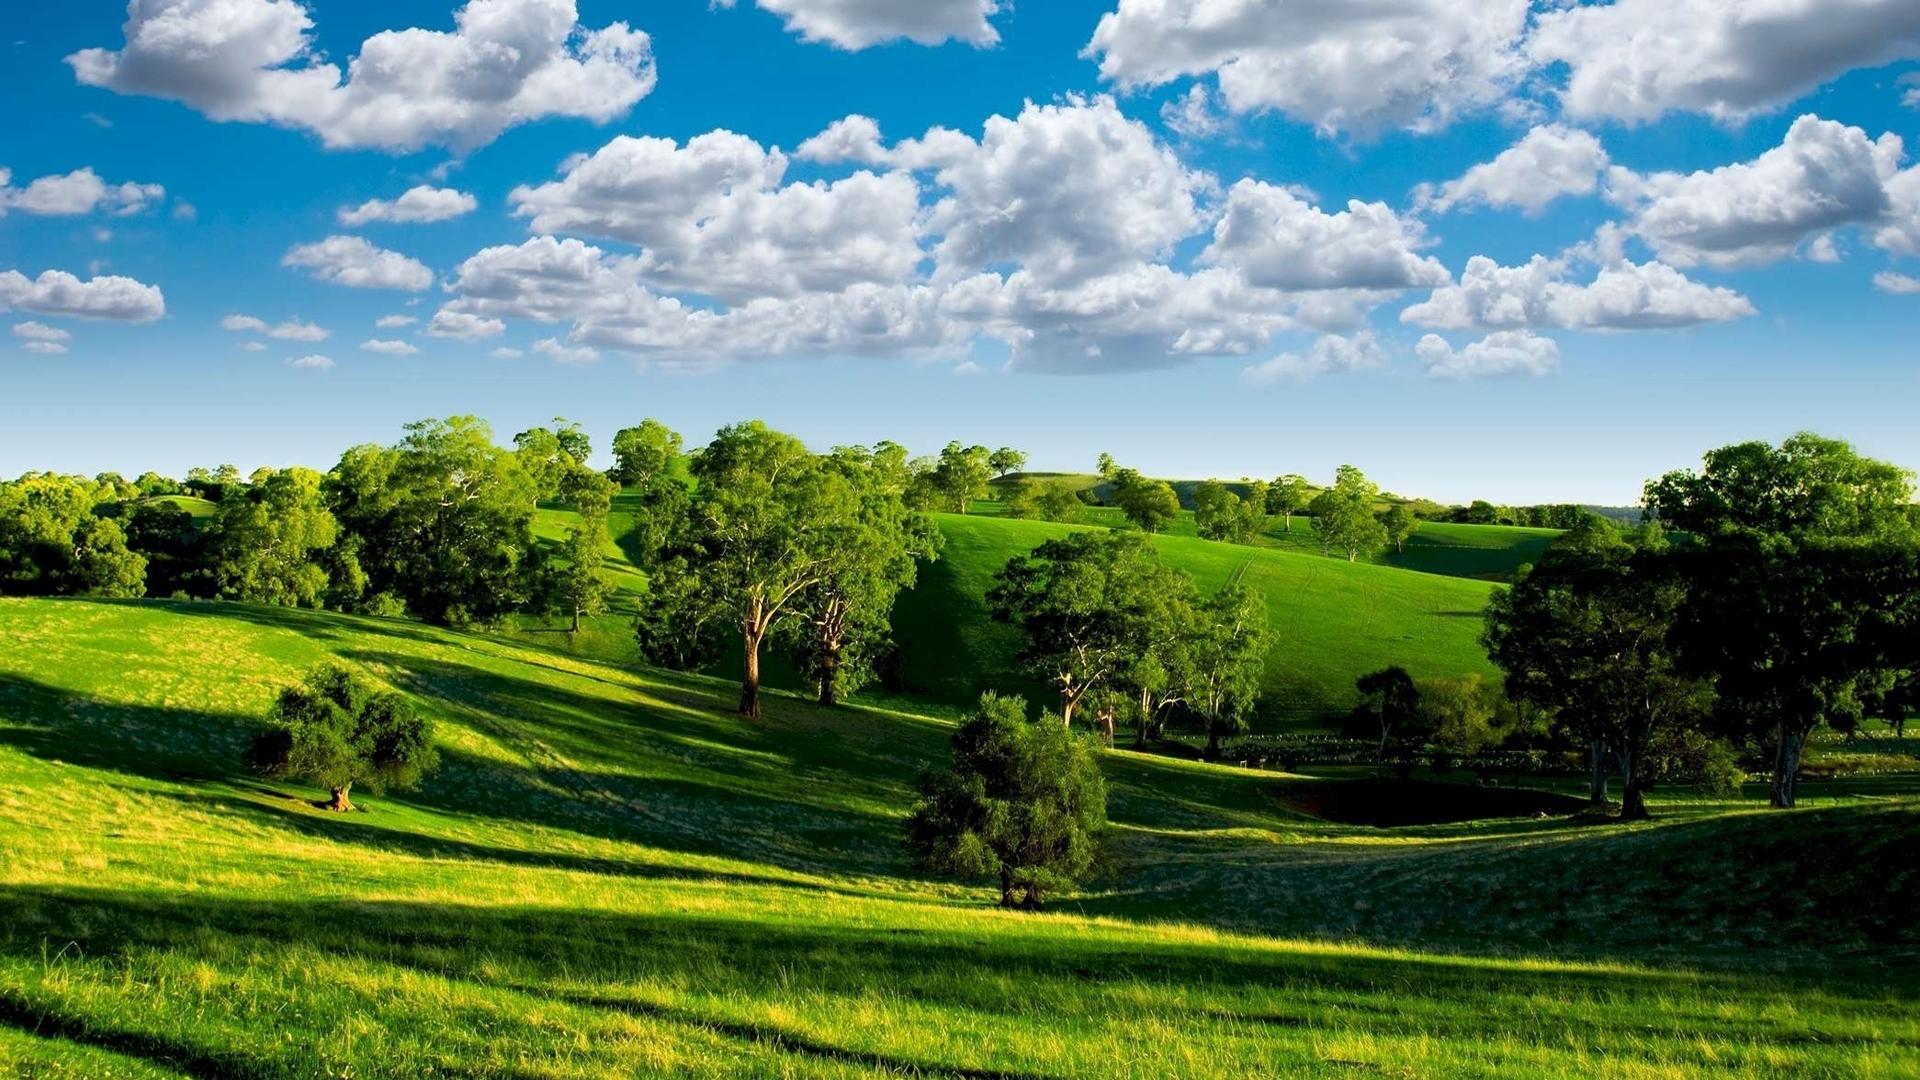 природа деревья поле скачать